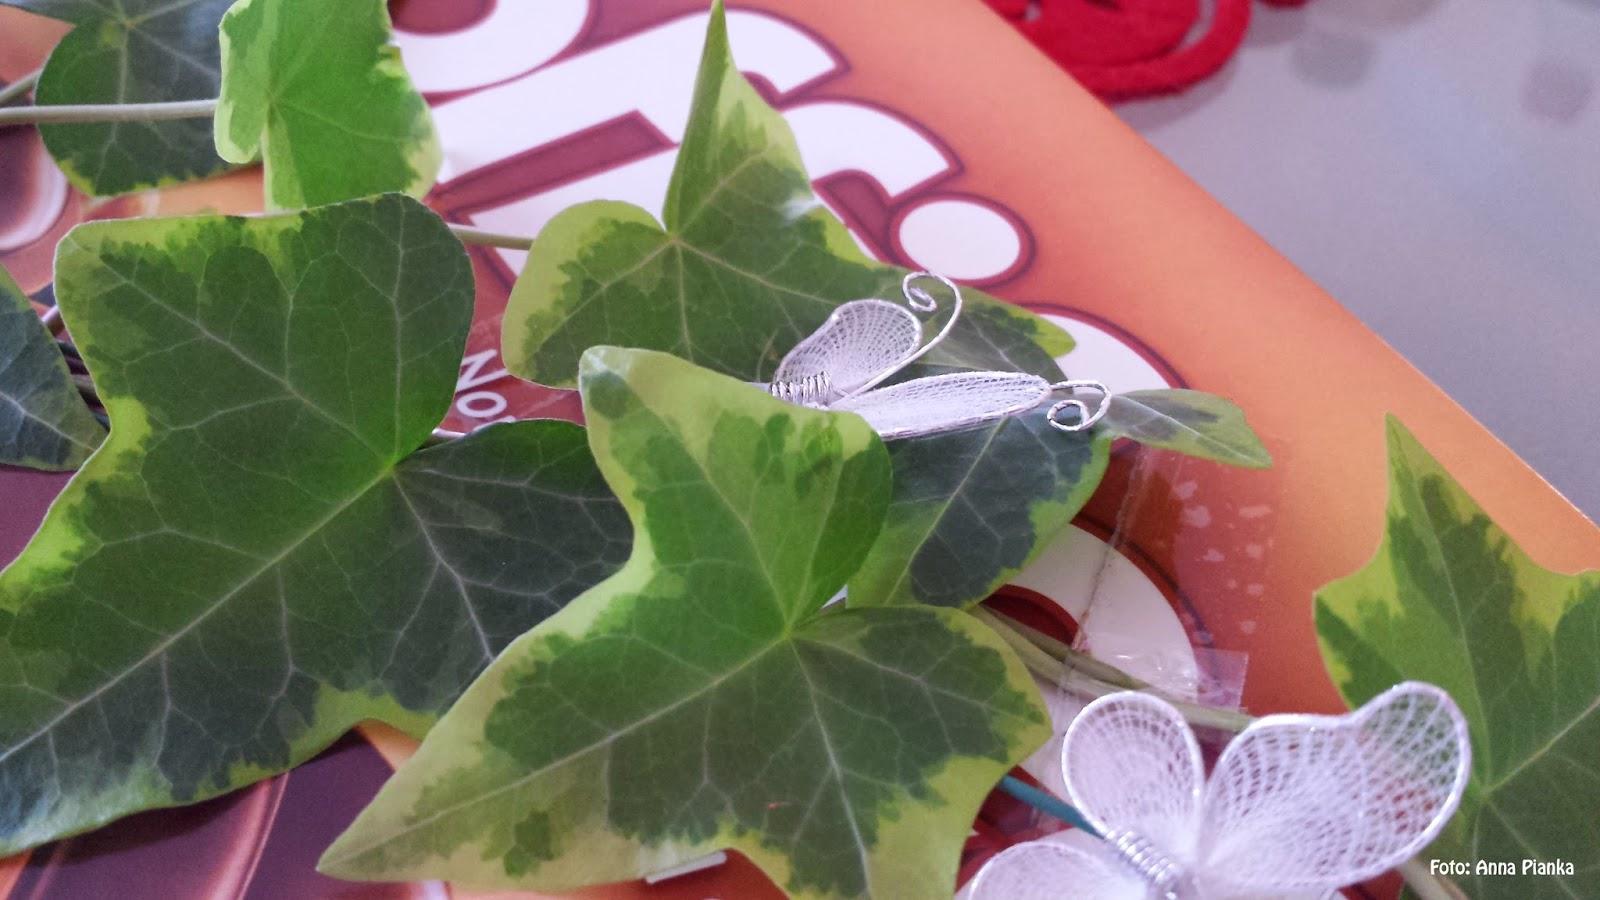 Toffifee Packunng mit einem Efeublättern und Schmetterling aus Stoff als Dekoration